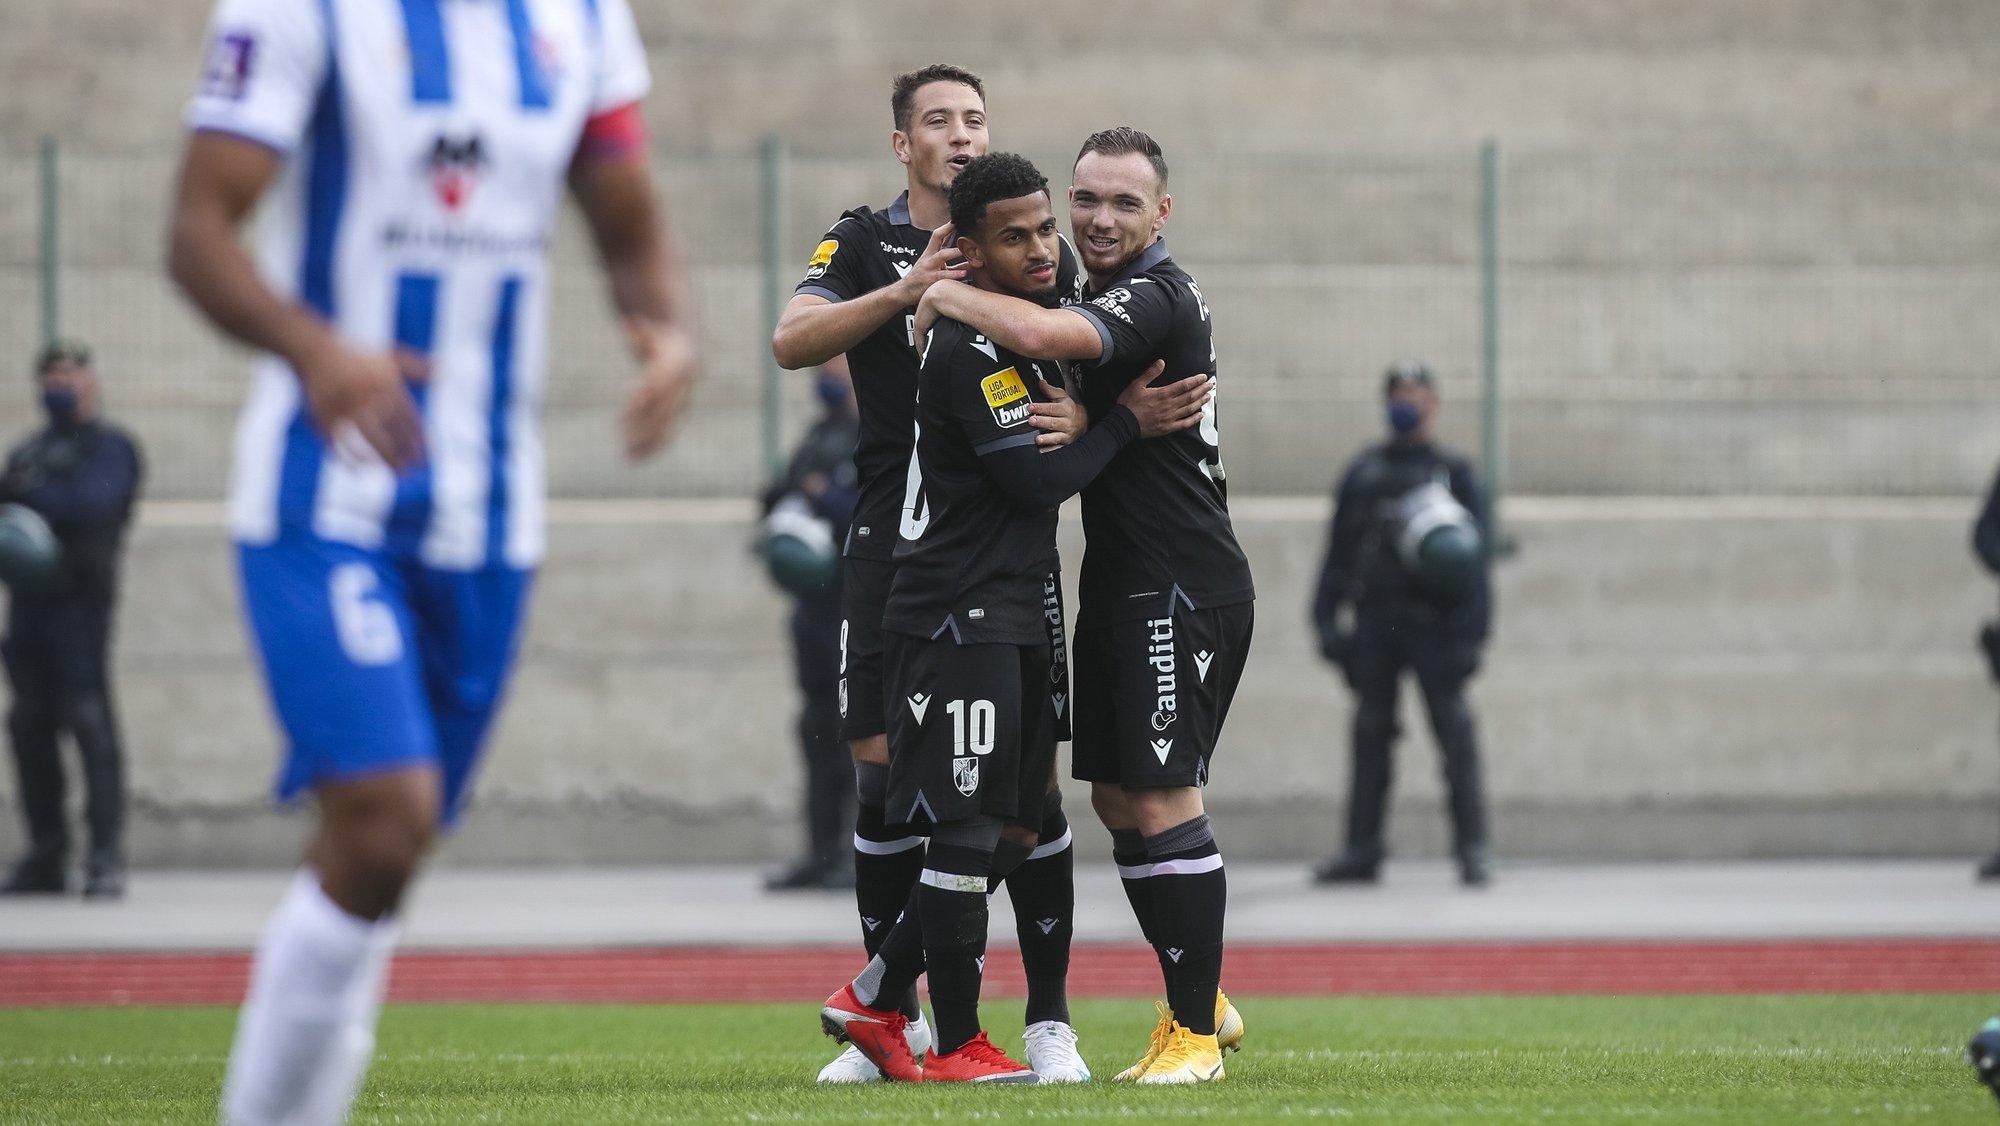 Edwards do V.Guimarães celebra após marcar um golo durante o jogo da Taça de Portugal Oliveira do Hospital vs V.Guimarães, disputado no Estádio Municipal de Tábua, 16 de outubro de 2021. PAULO NOVAIS/LUSA